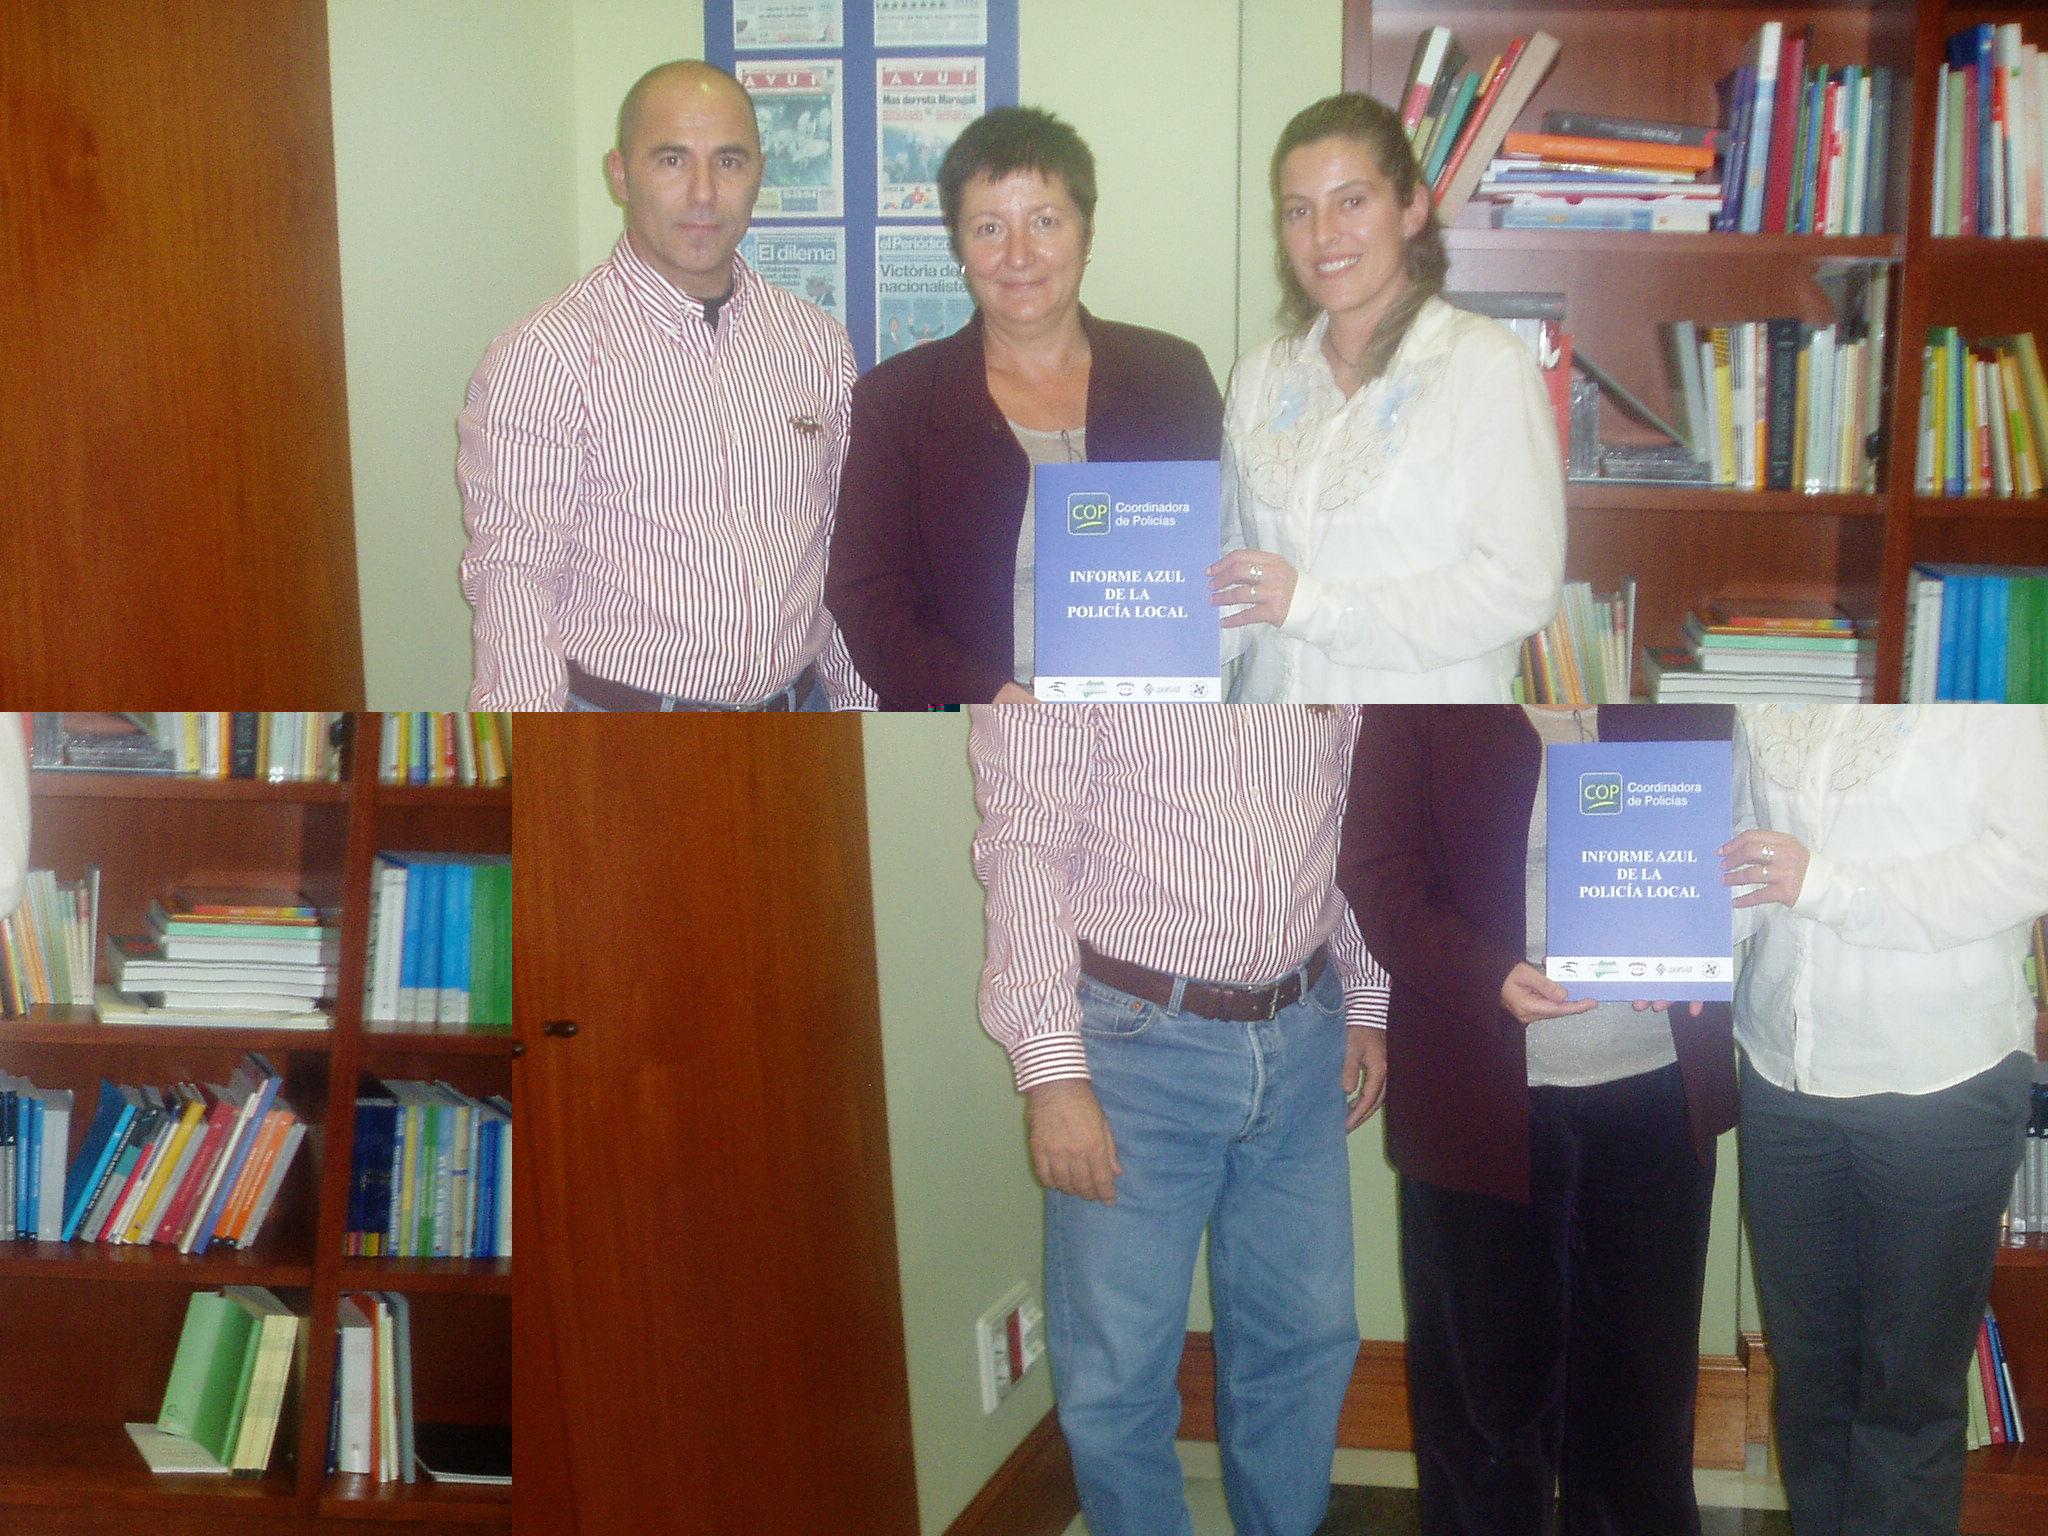 Reunió del sindicat SPPM-Cat amb la diputada de CIU, Sra. Elena Ribera Garijo